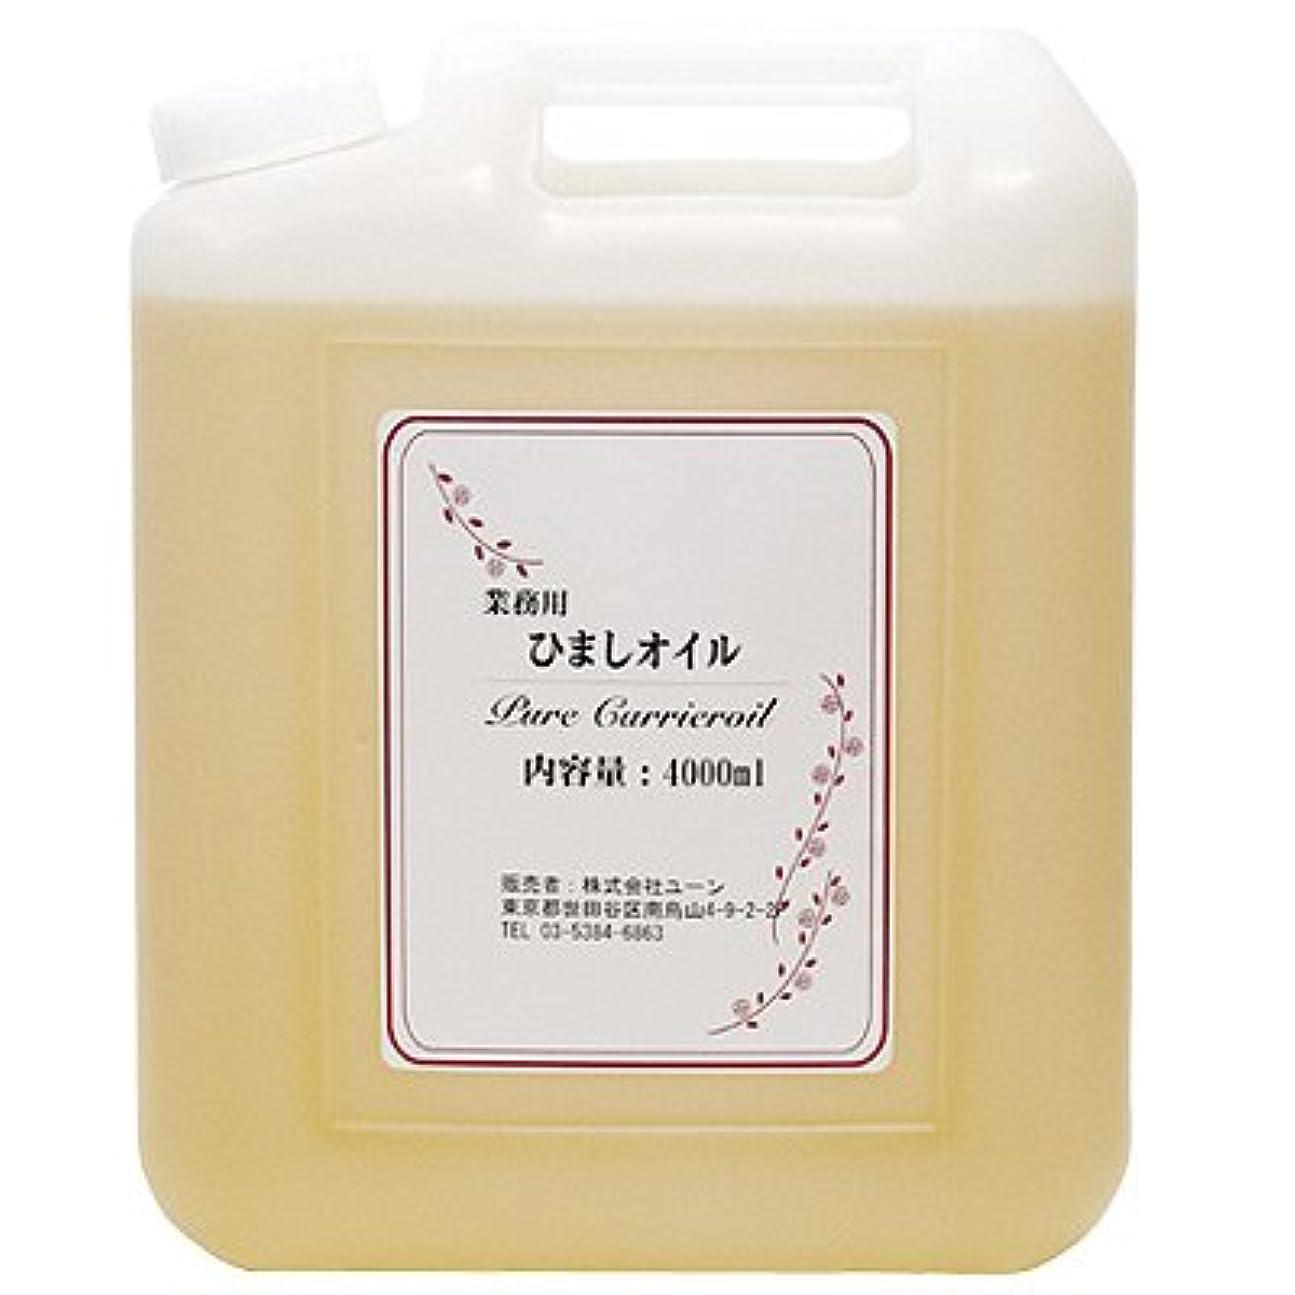 現像サロン作成するひまし油 4000ml(ヒマシ油ヒマシオイル業務用):マッサージオイル